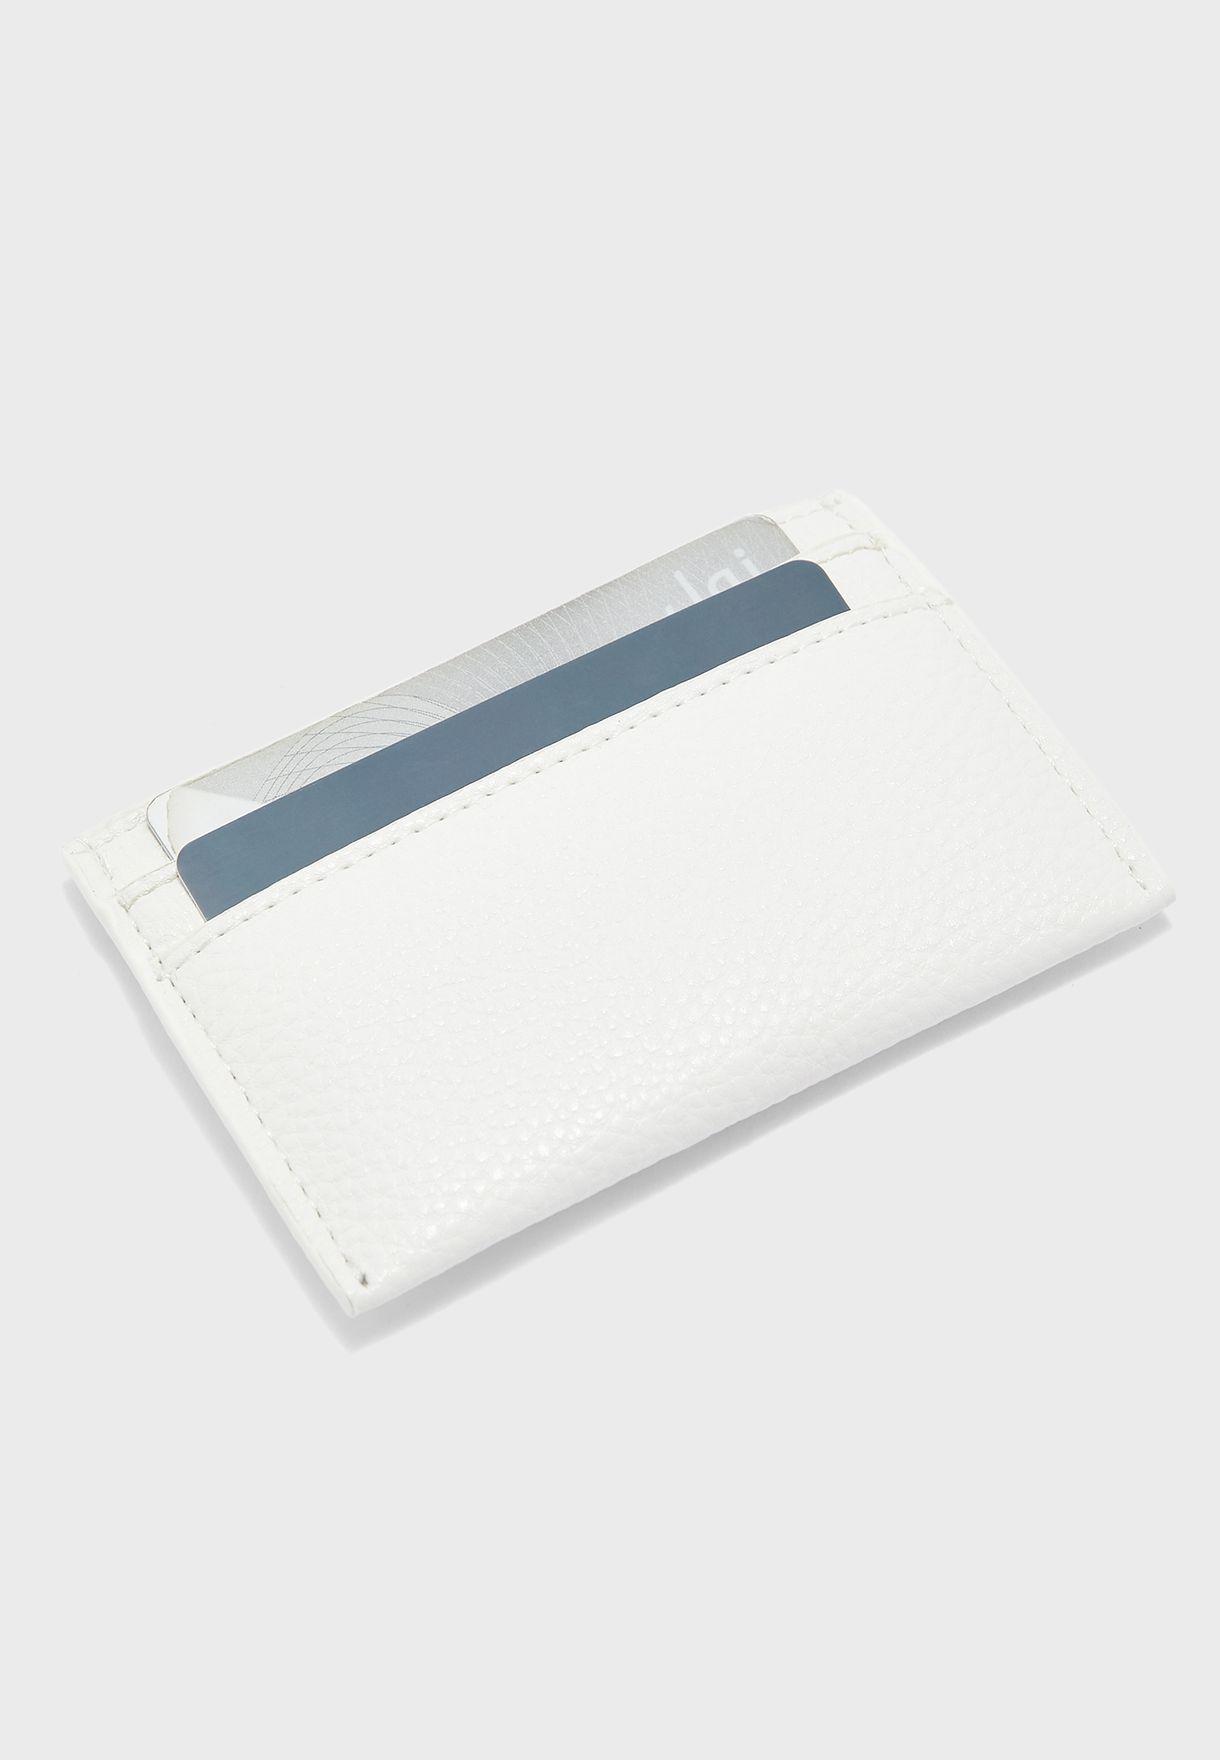 حافظة بطاقات عصرية